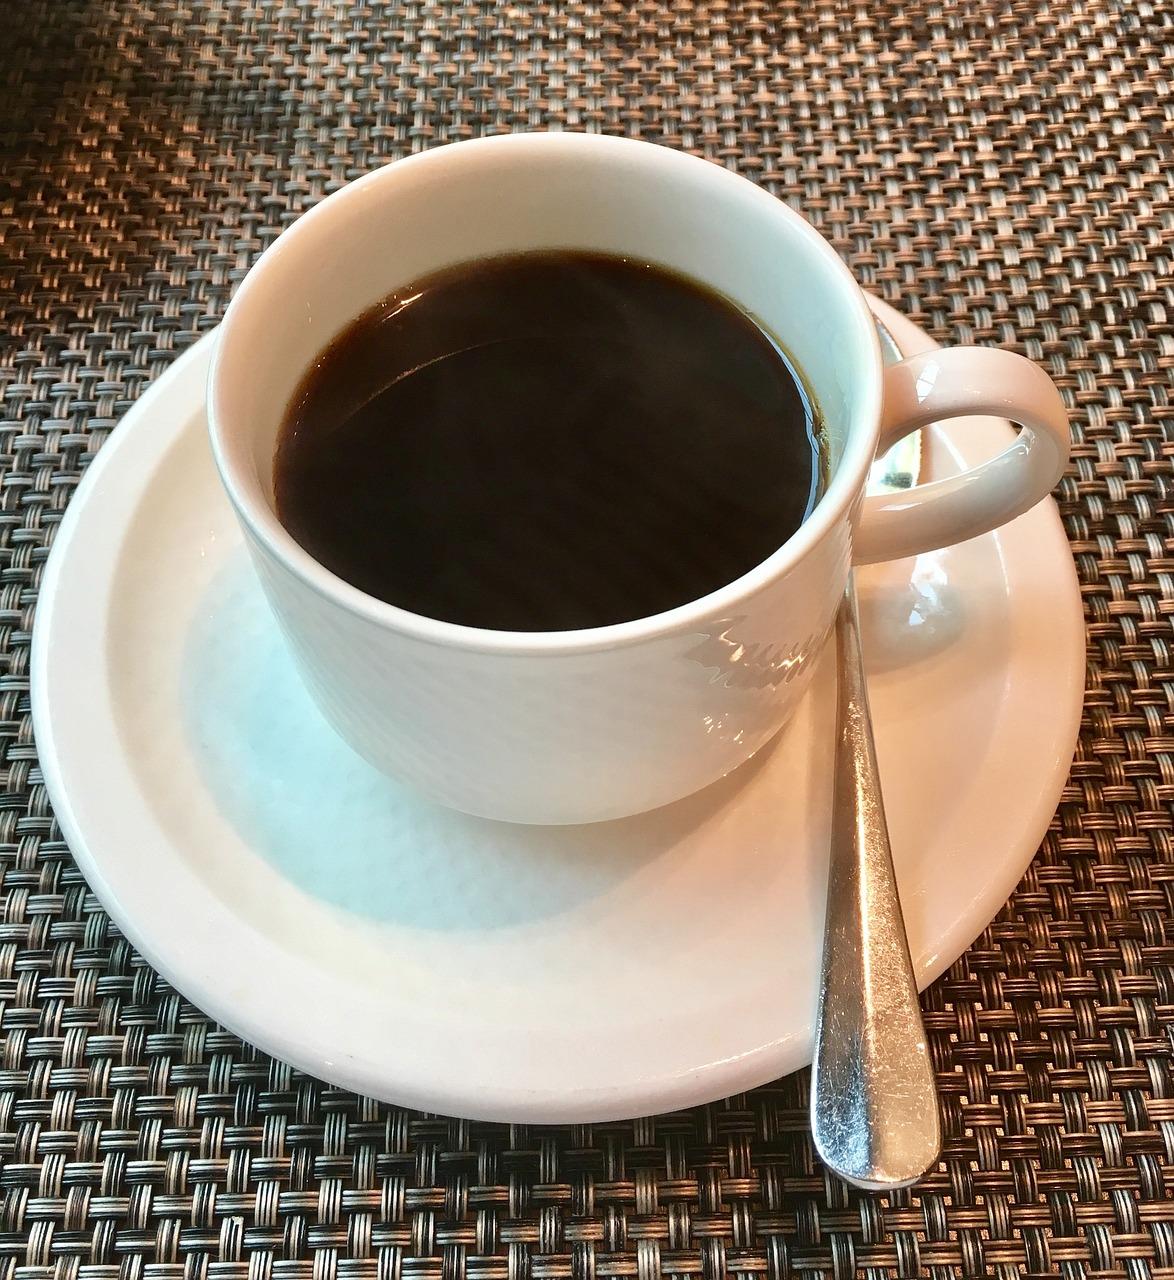 маленькая чашечка кофе фото обратились жалобами